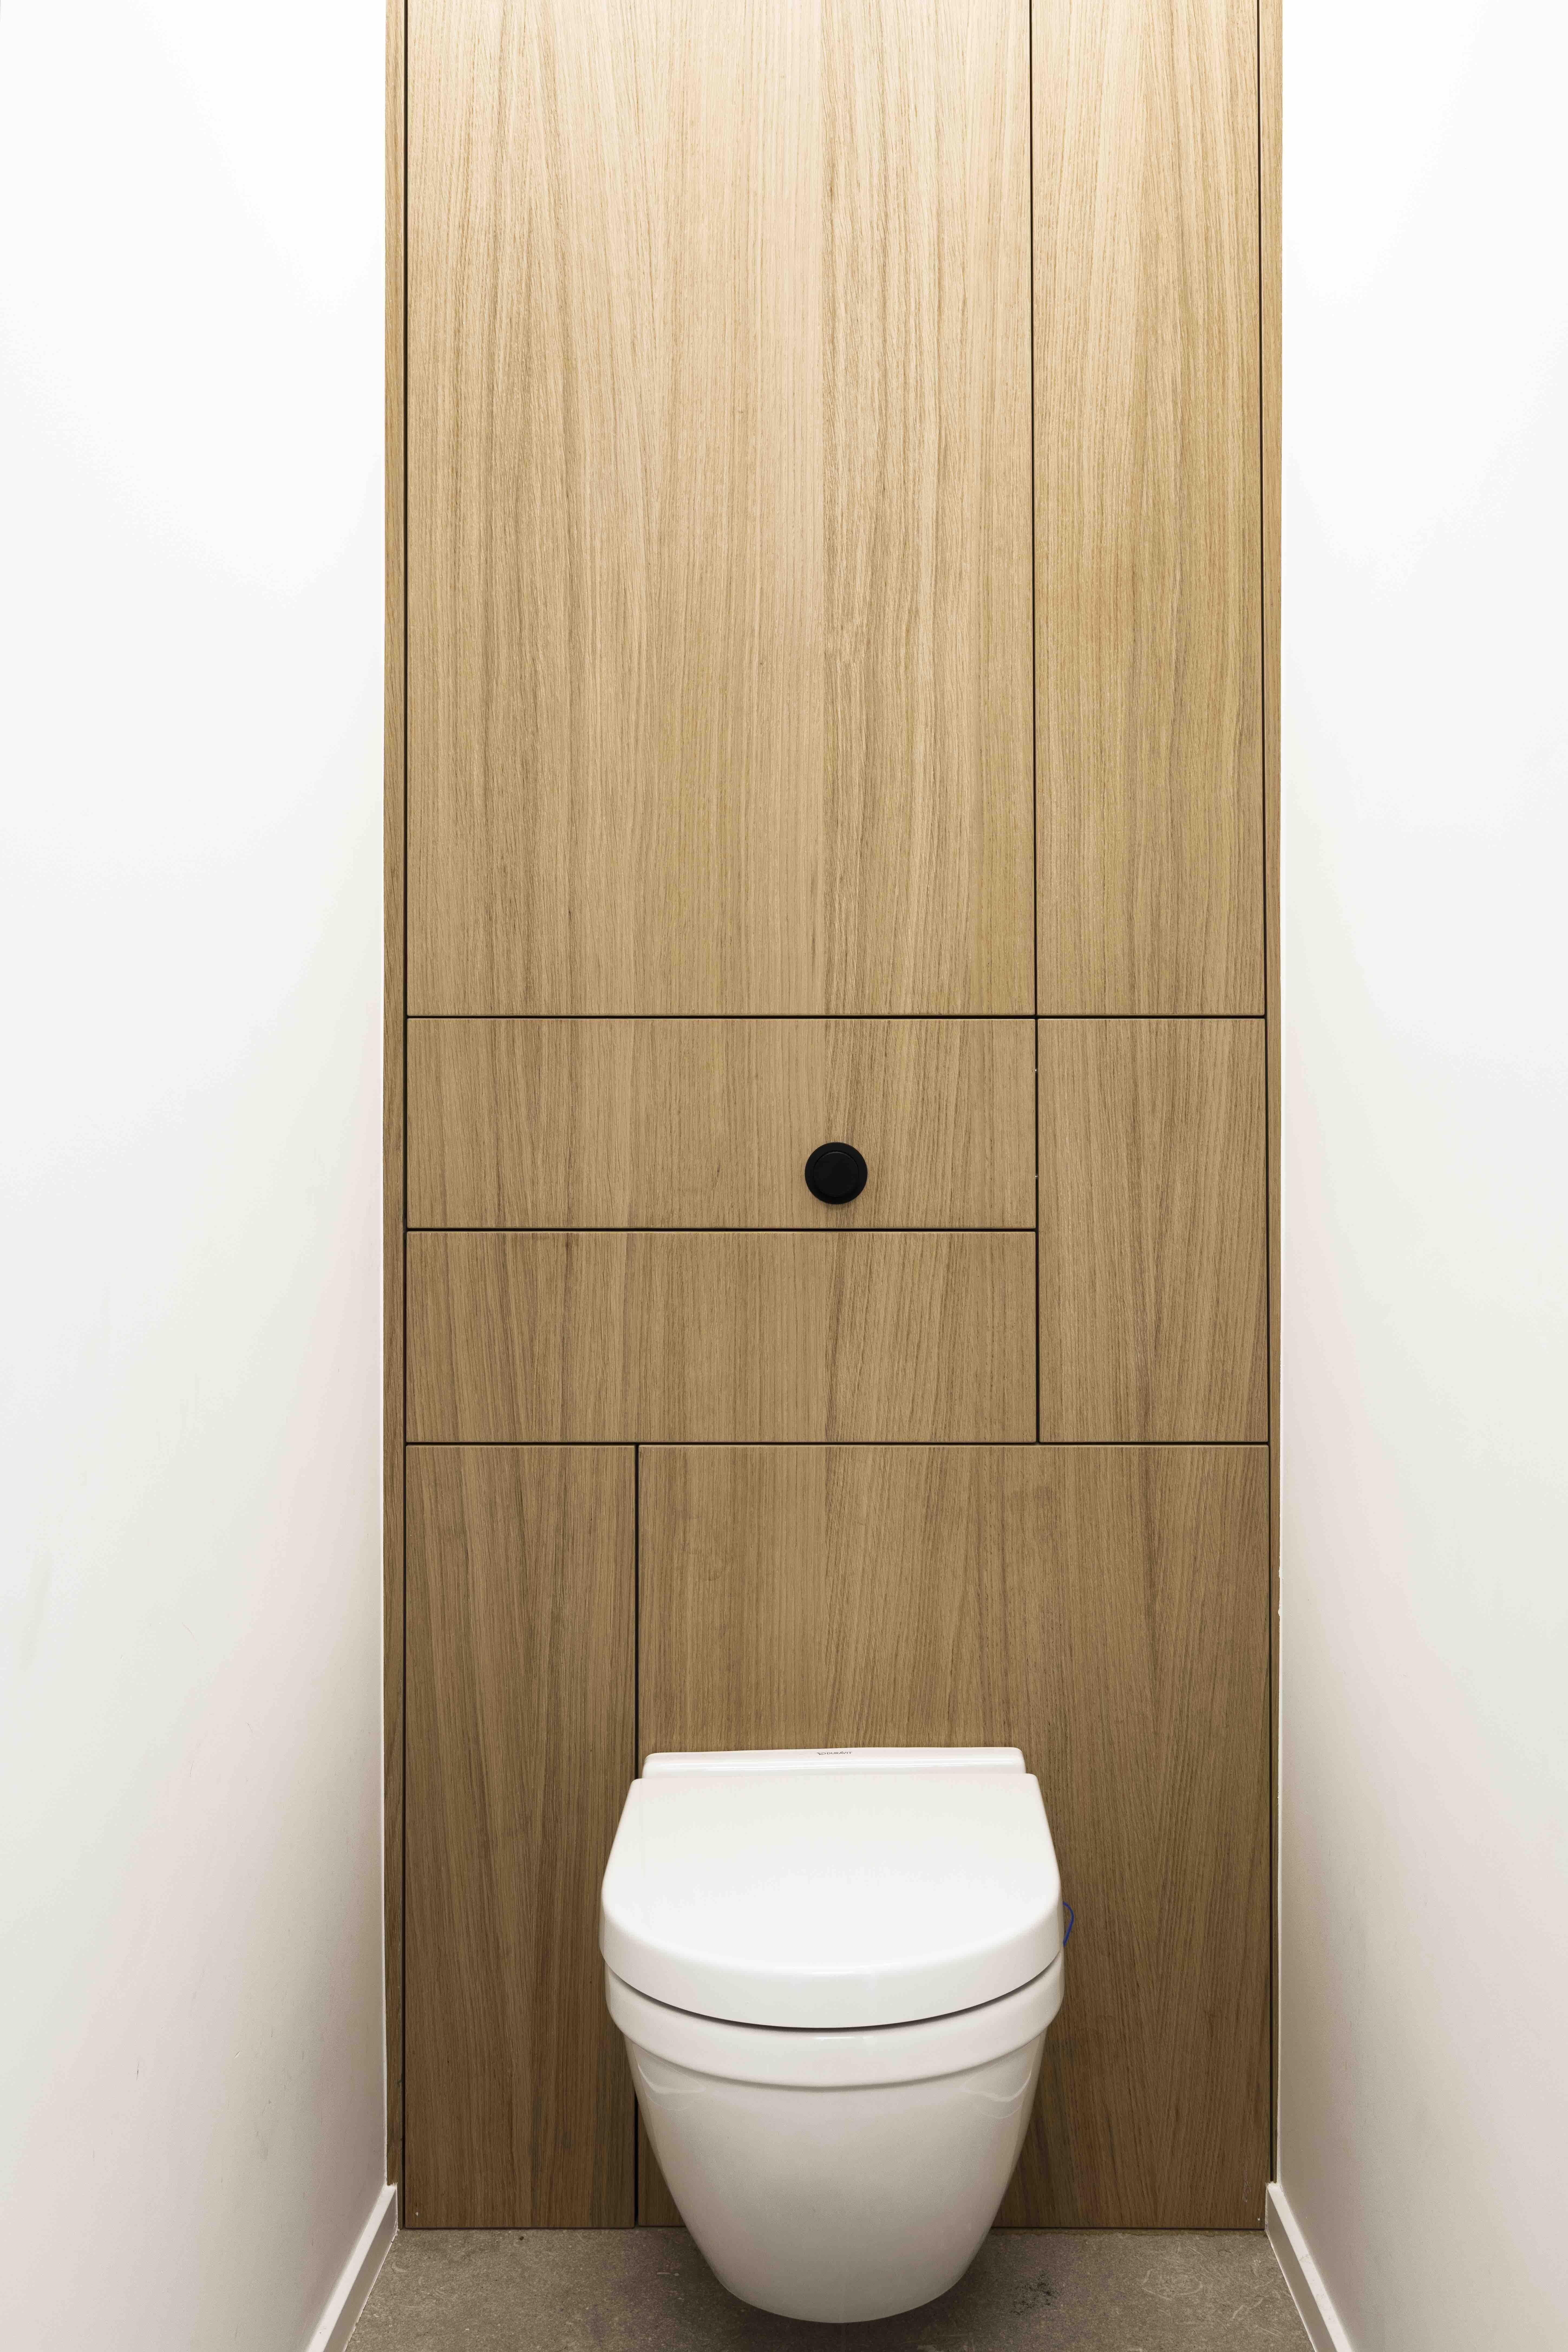 Pin van Yvonne Leijh op wc | Pinterest - Wc, Badkamer en Badkamers